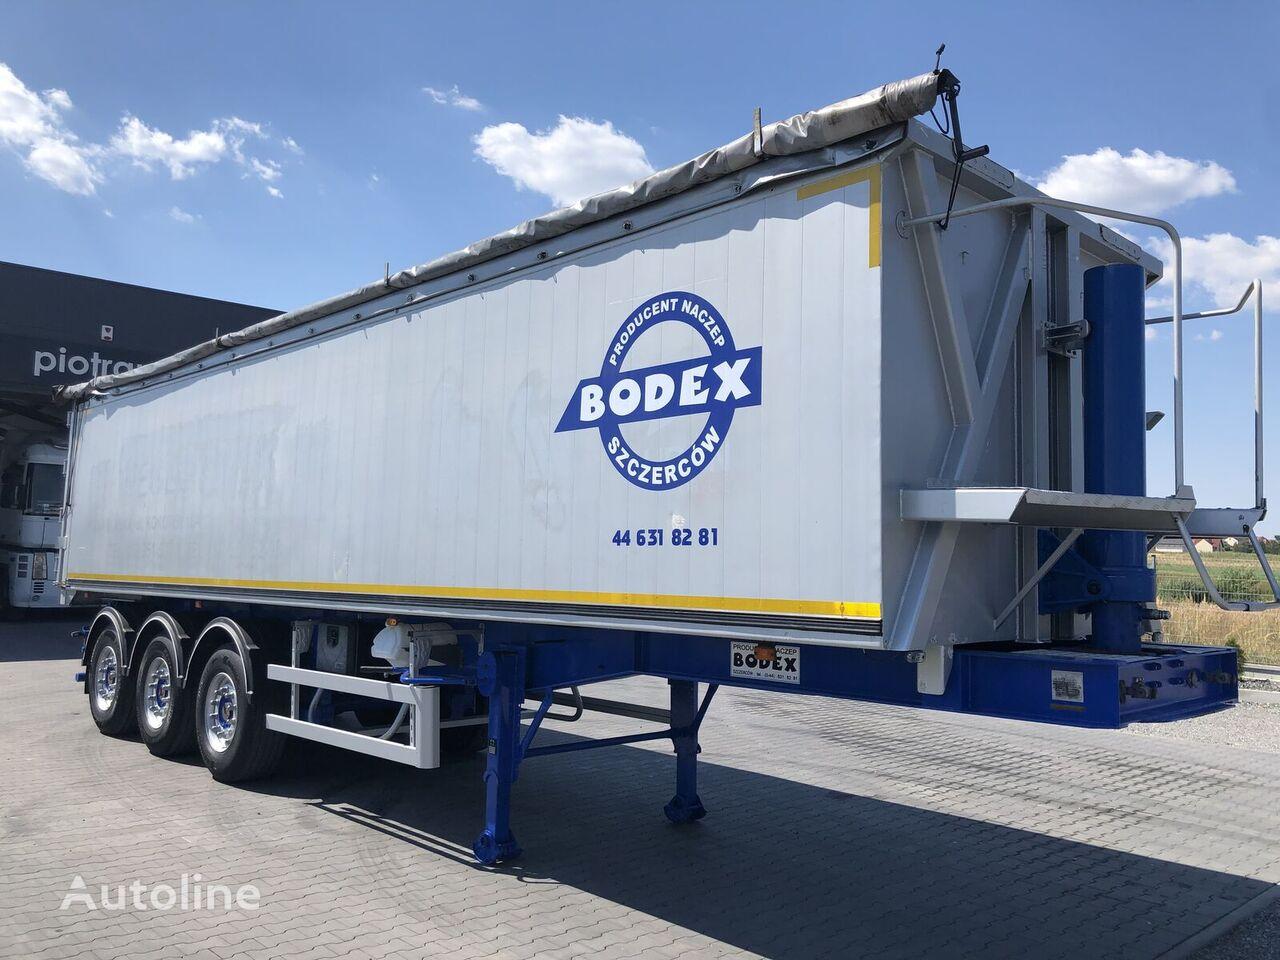 BODEX WYWROTKA 47m3/ Klapo-drzwi/ Saf intrax/ Szyber tipper semi-trailer